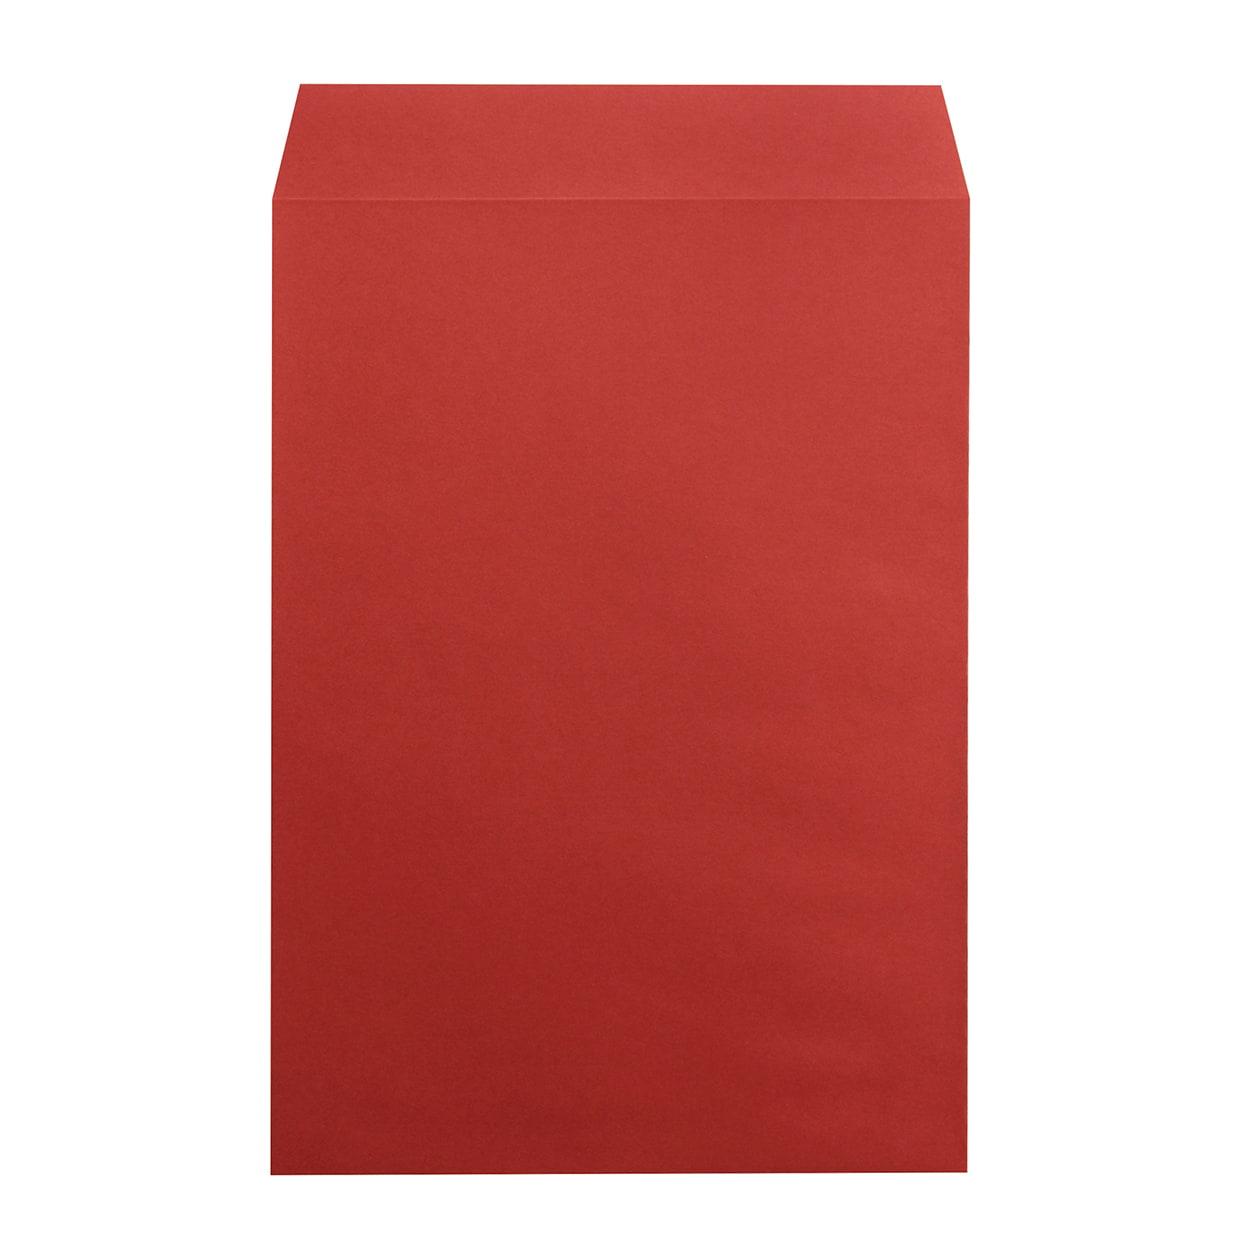 角2封筒 コニーカラー レッド 100g